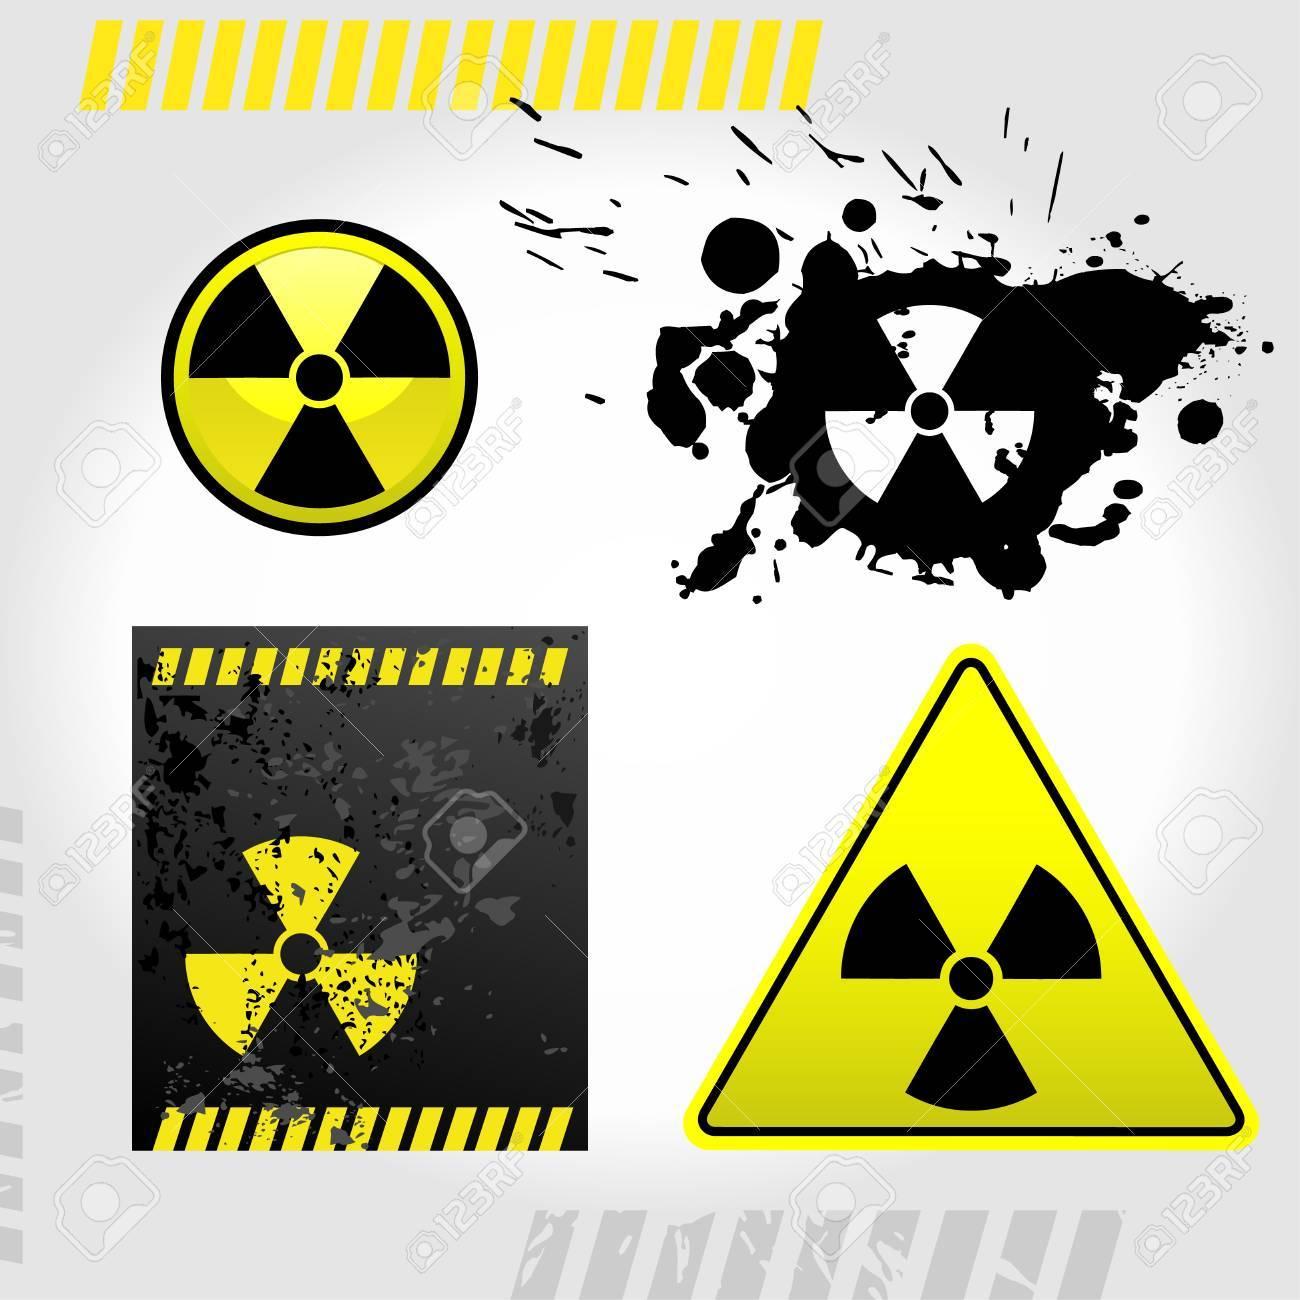 Warning radiation signs Stock Vector - 9334029